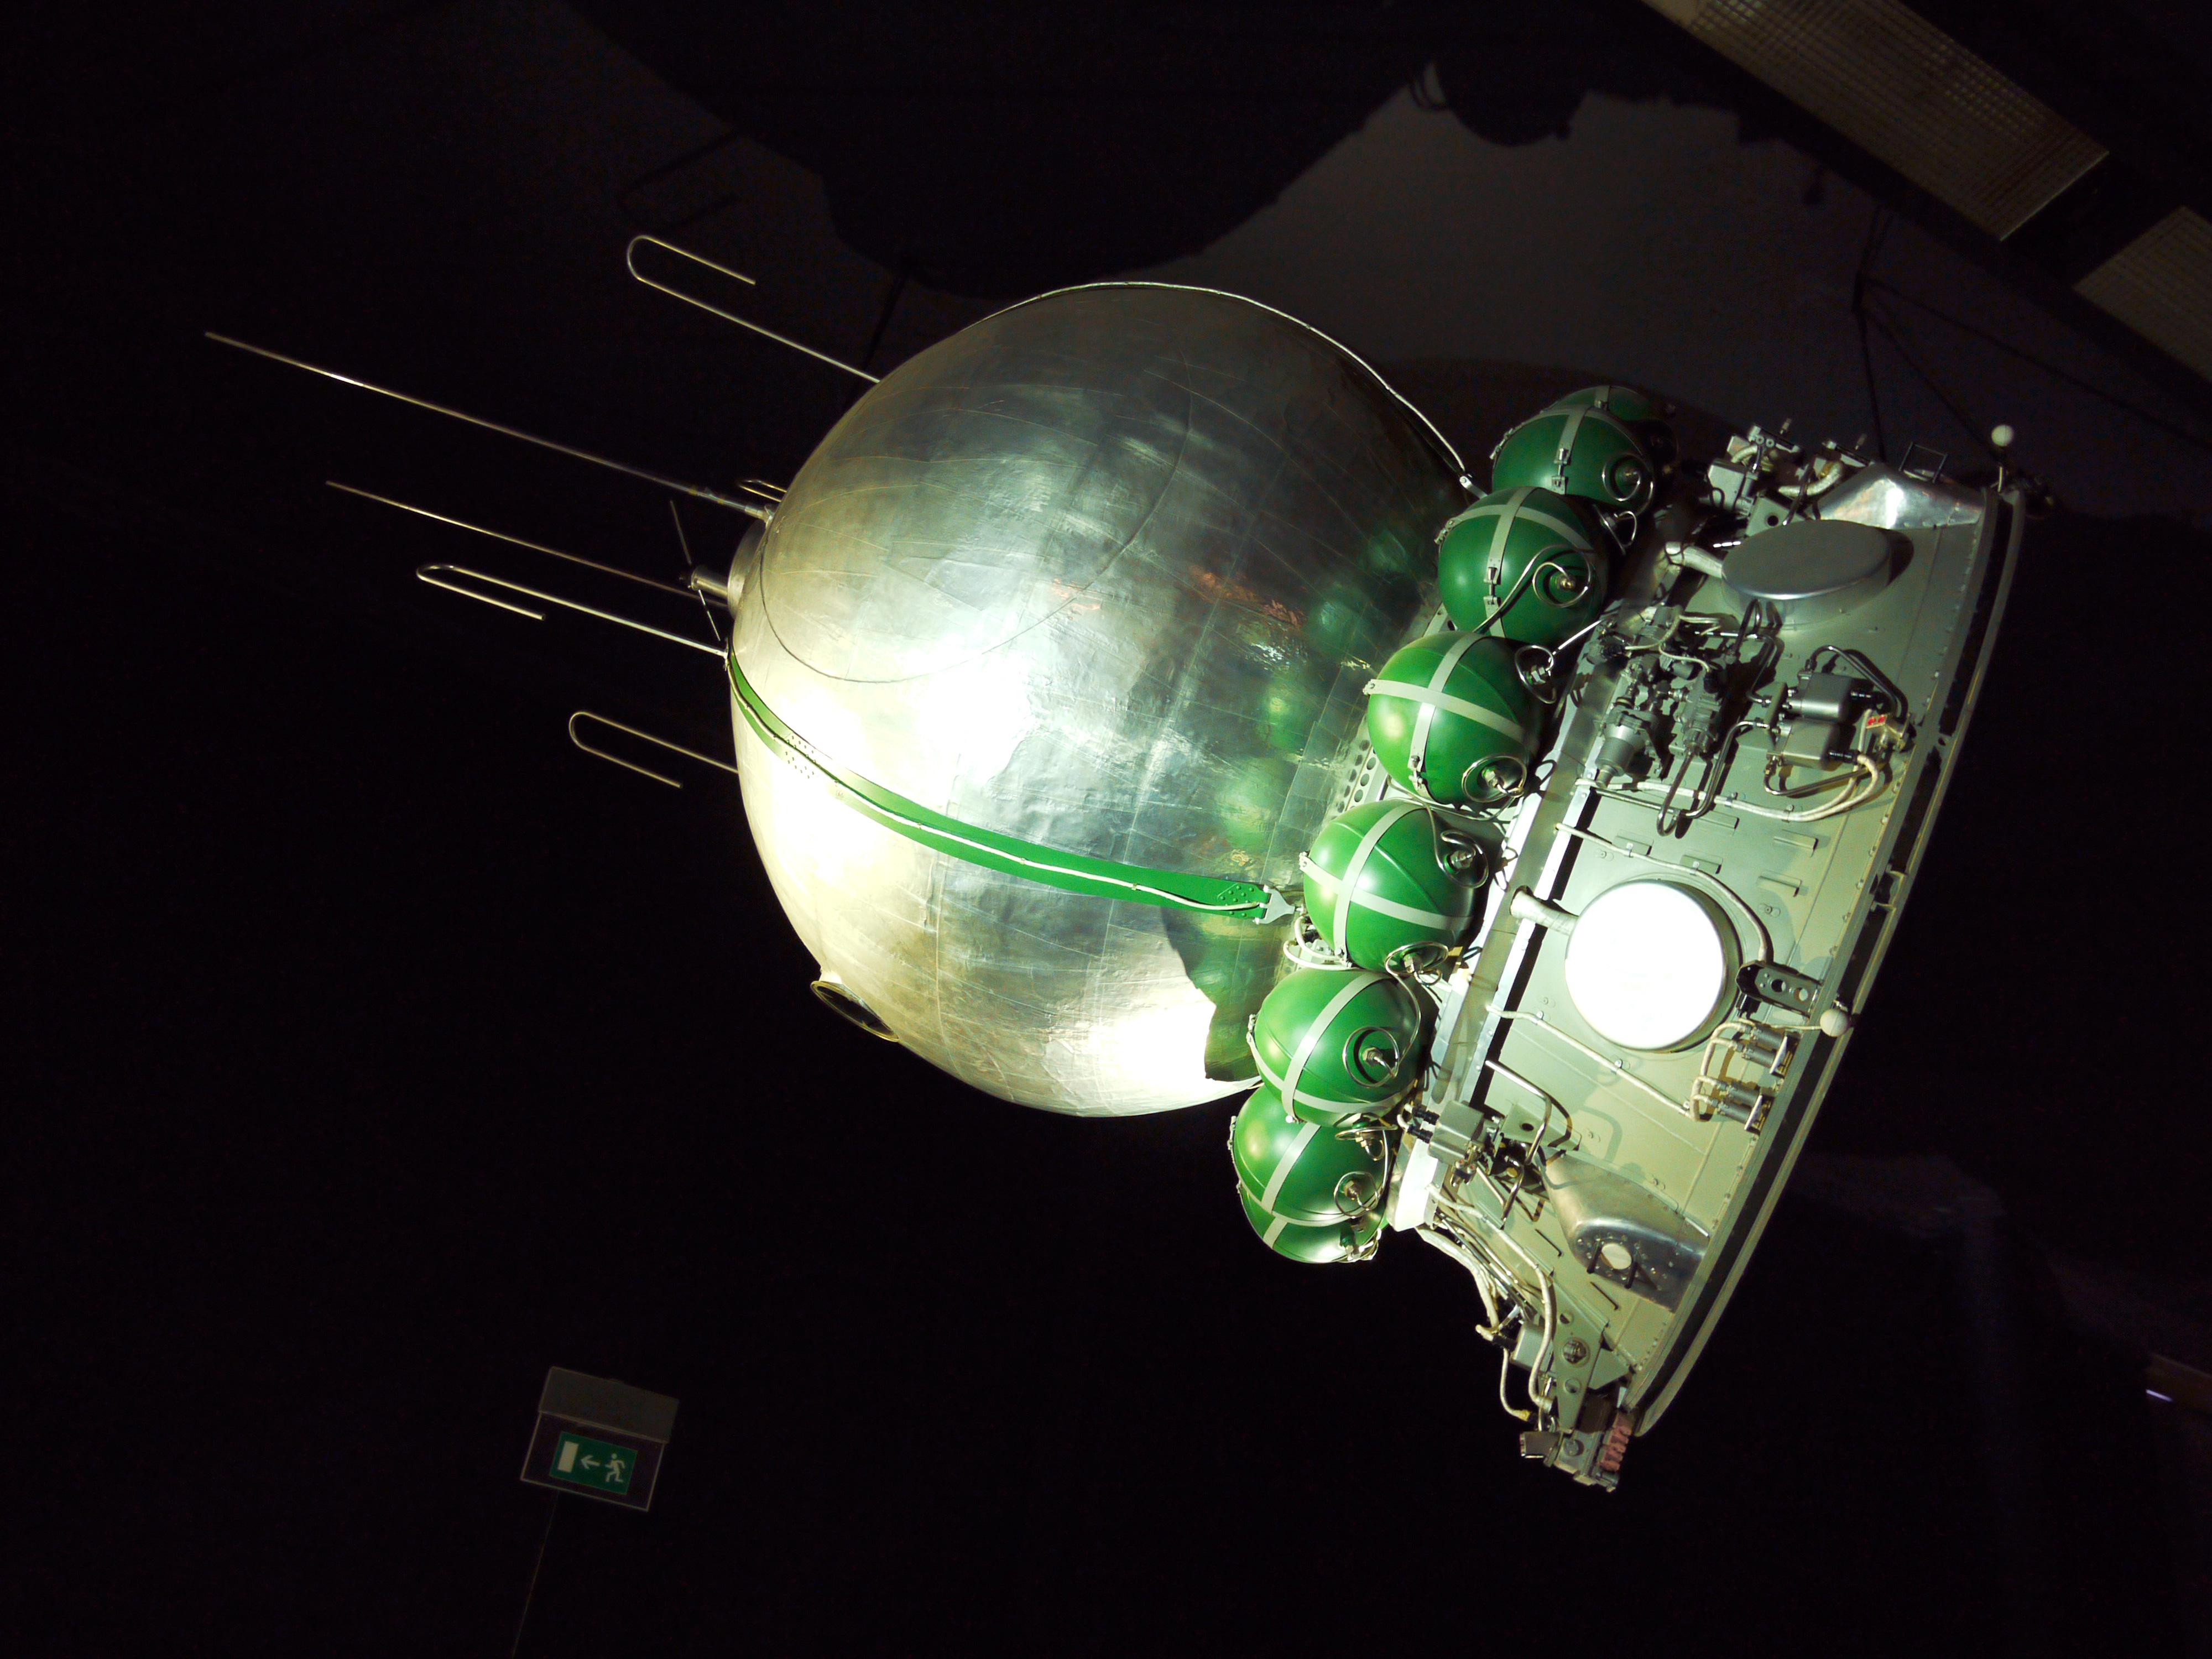 V planetáriu uvidíte repliku Gagarinovy vesmírné lodi